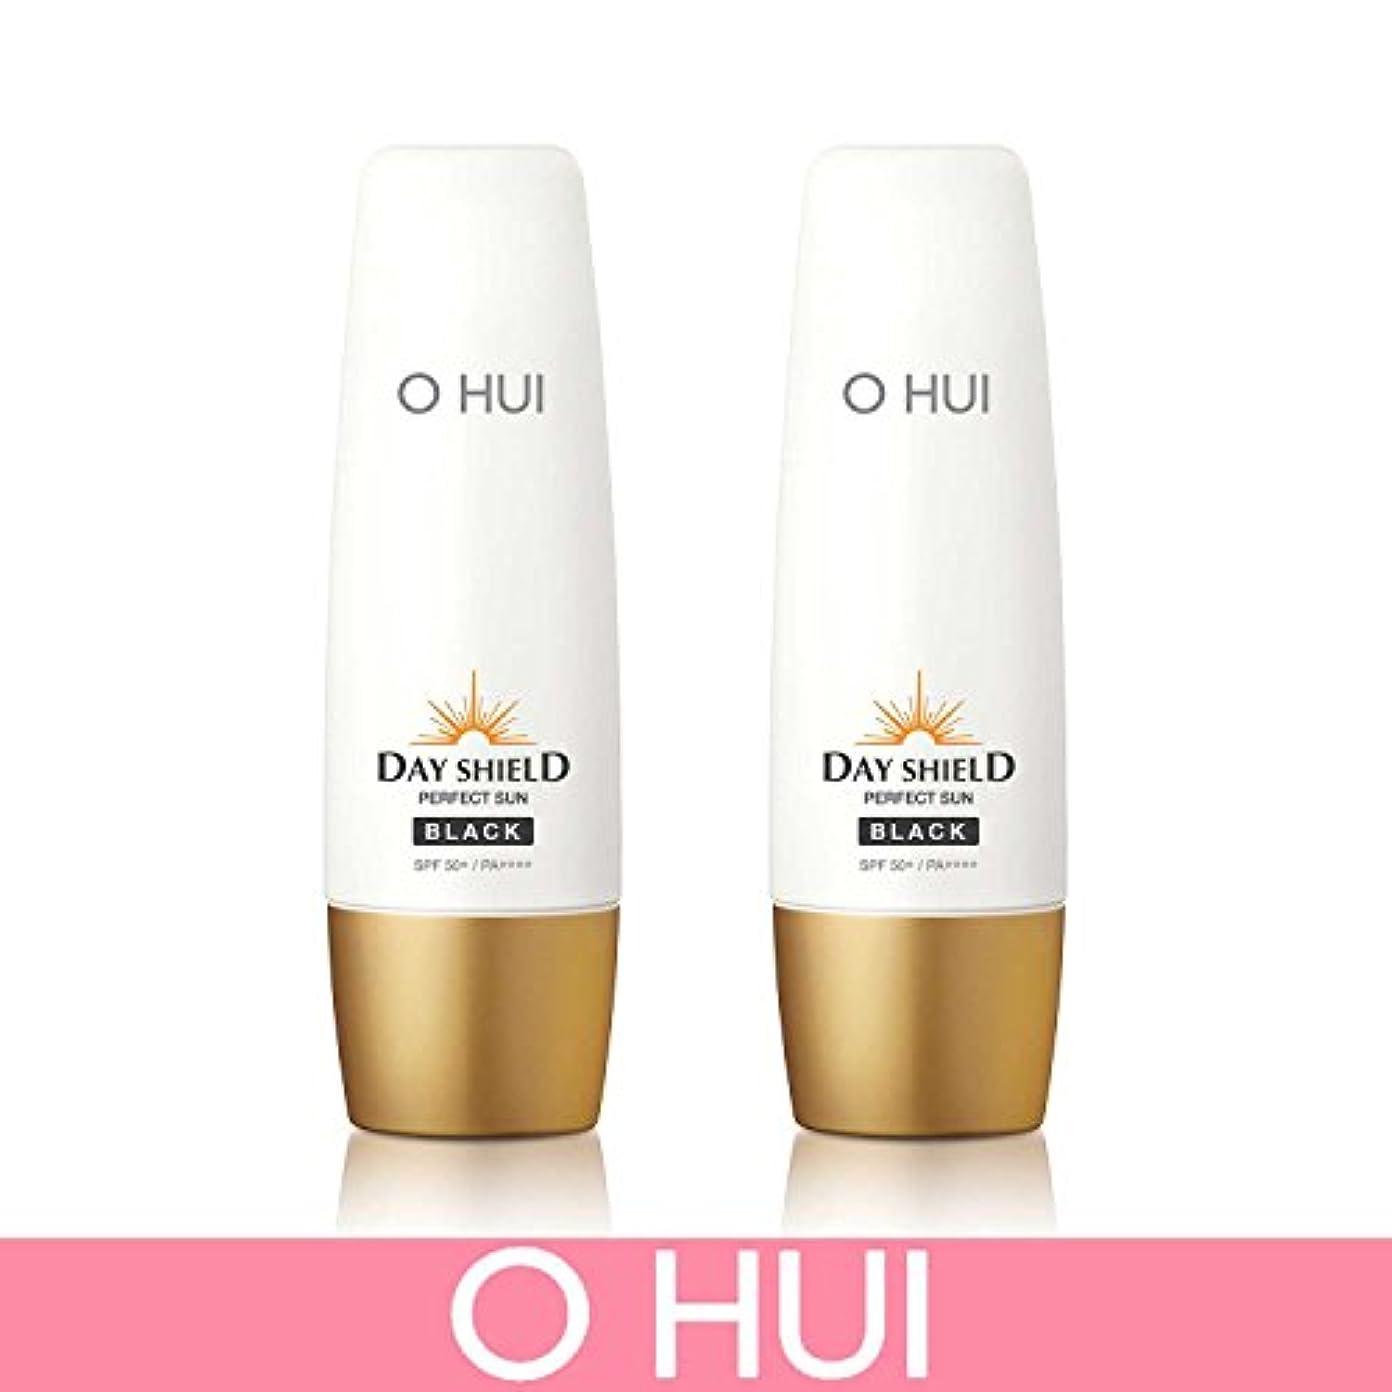 絶妙彼らのブリリアント[オフィ/ O HUI]韓国化粧品 LG生活健康/ ERFECT SUN BLACK DUO /日焼け止め (SPF50+/PA+++) 50ml +50ml +[Sample Gift](海外直送品)